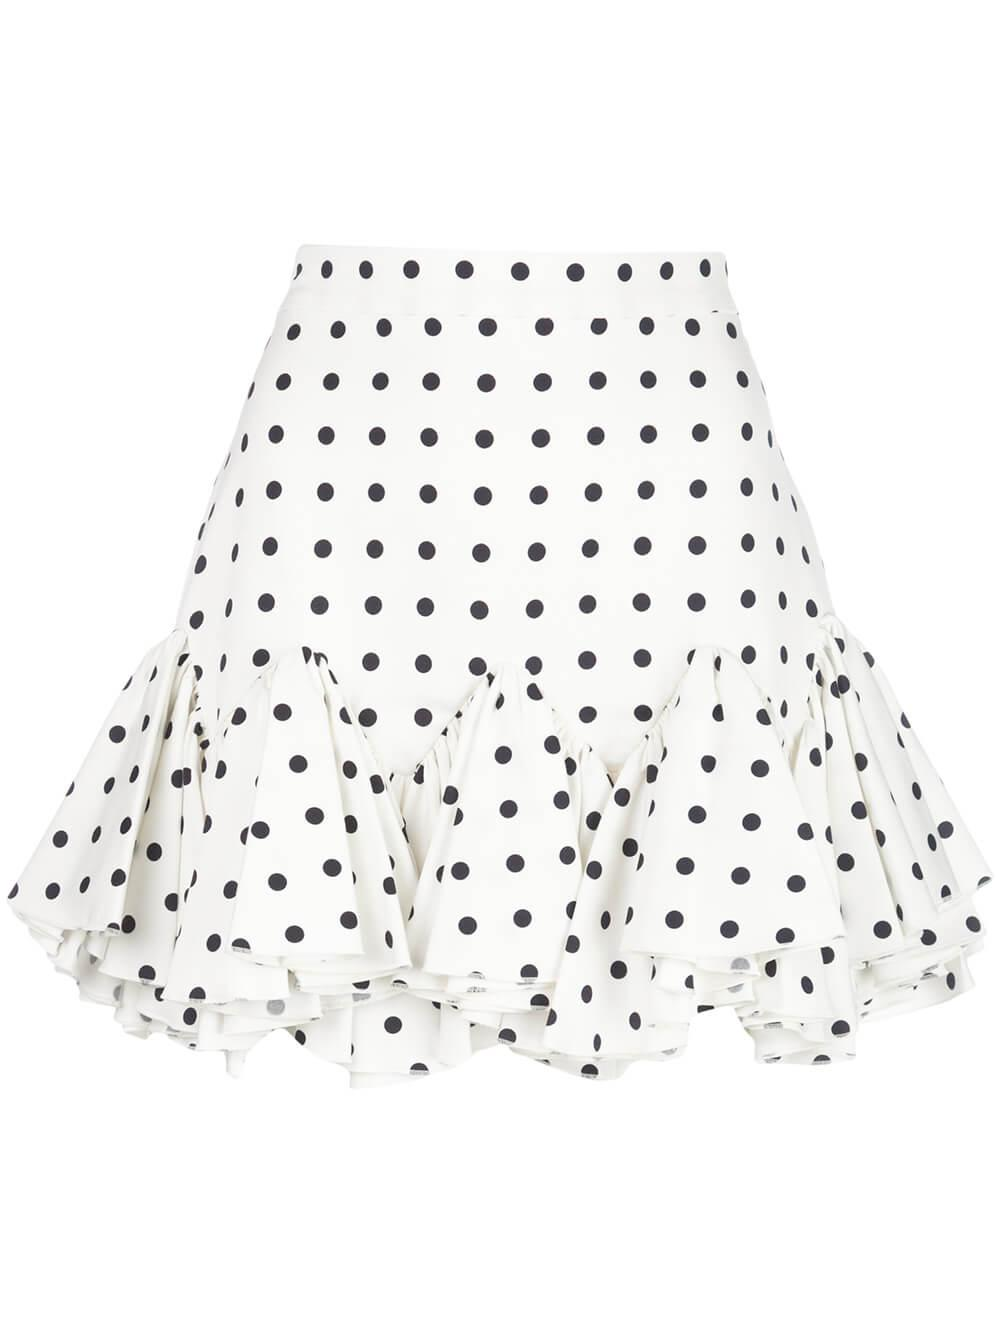 Polka Dot Skirt With Ruffled Hem Item # 041SK-66